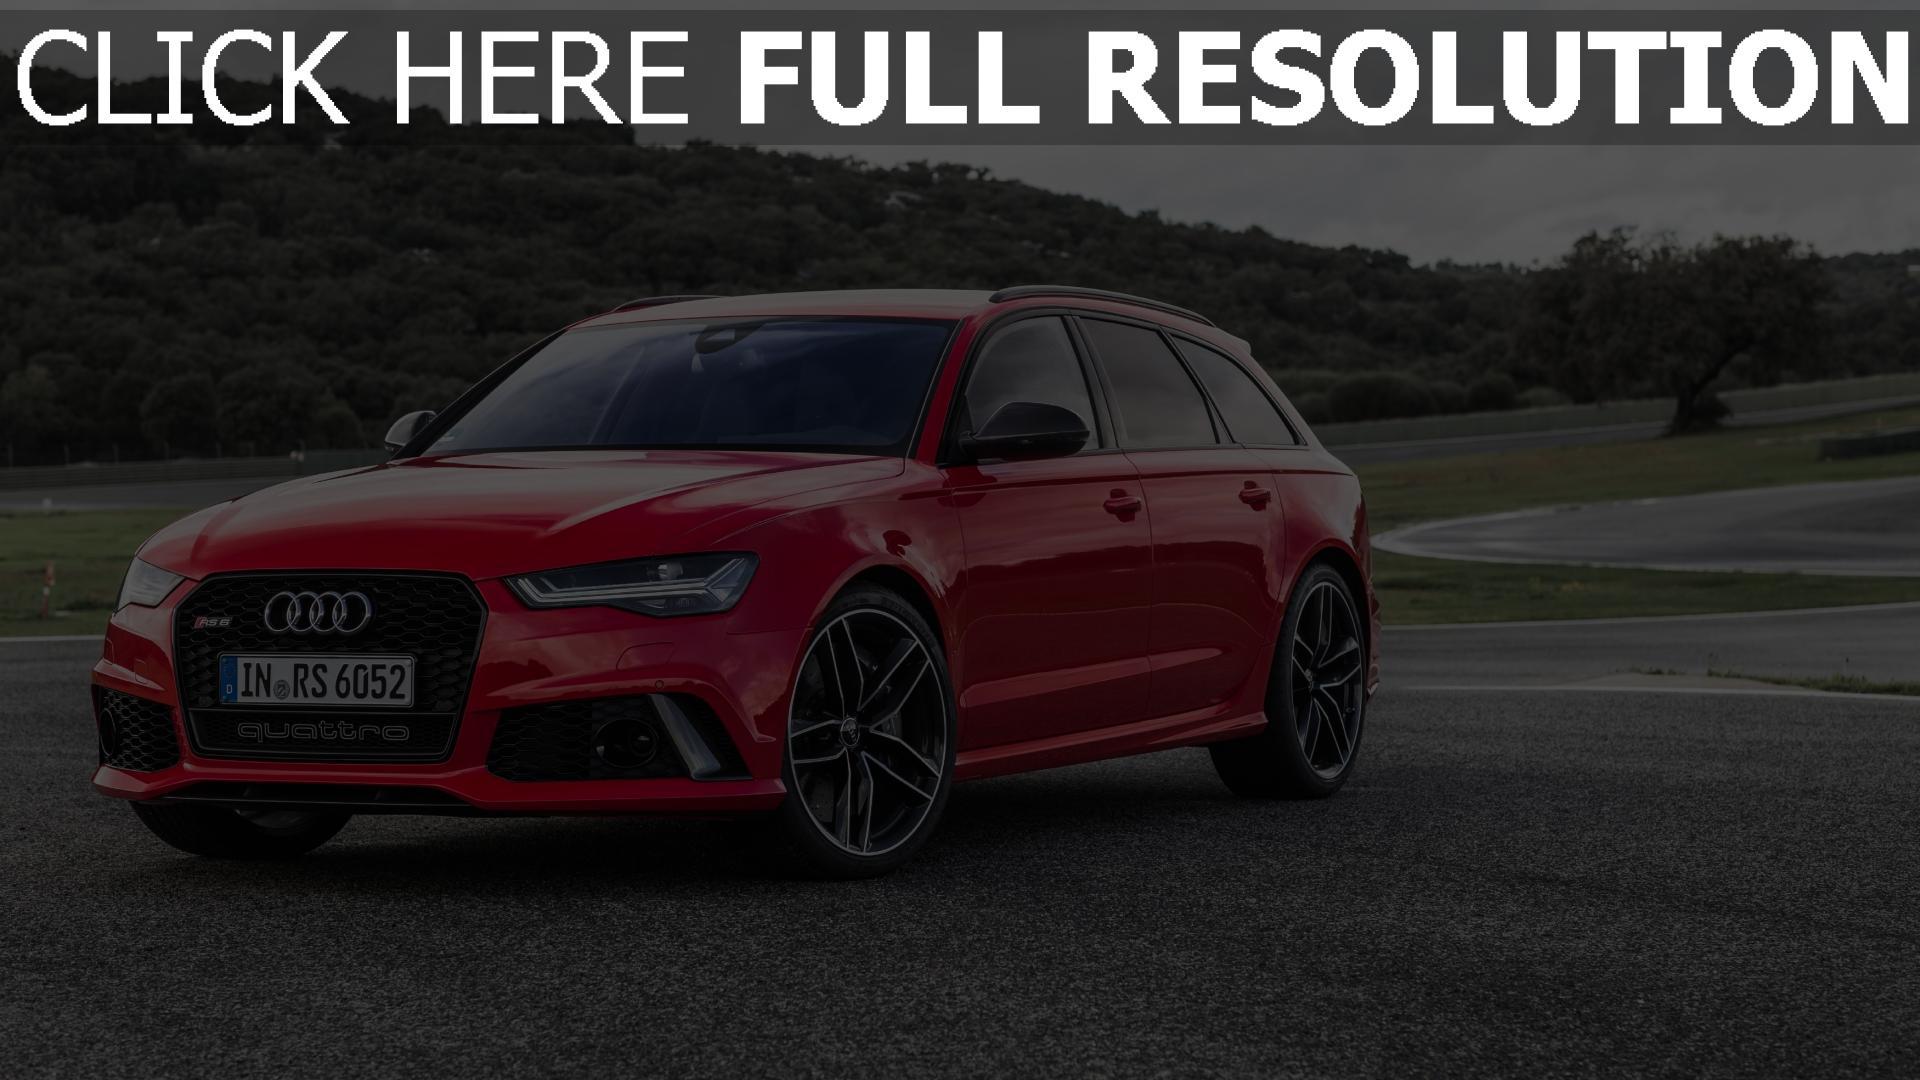 Hd Hintergrundbilder Vorderansicht Audi Rot Avant Rs6